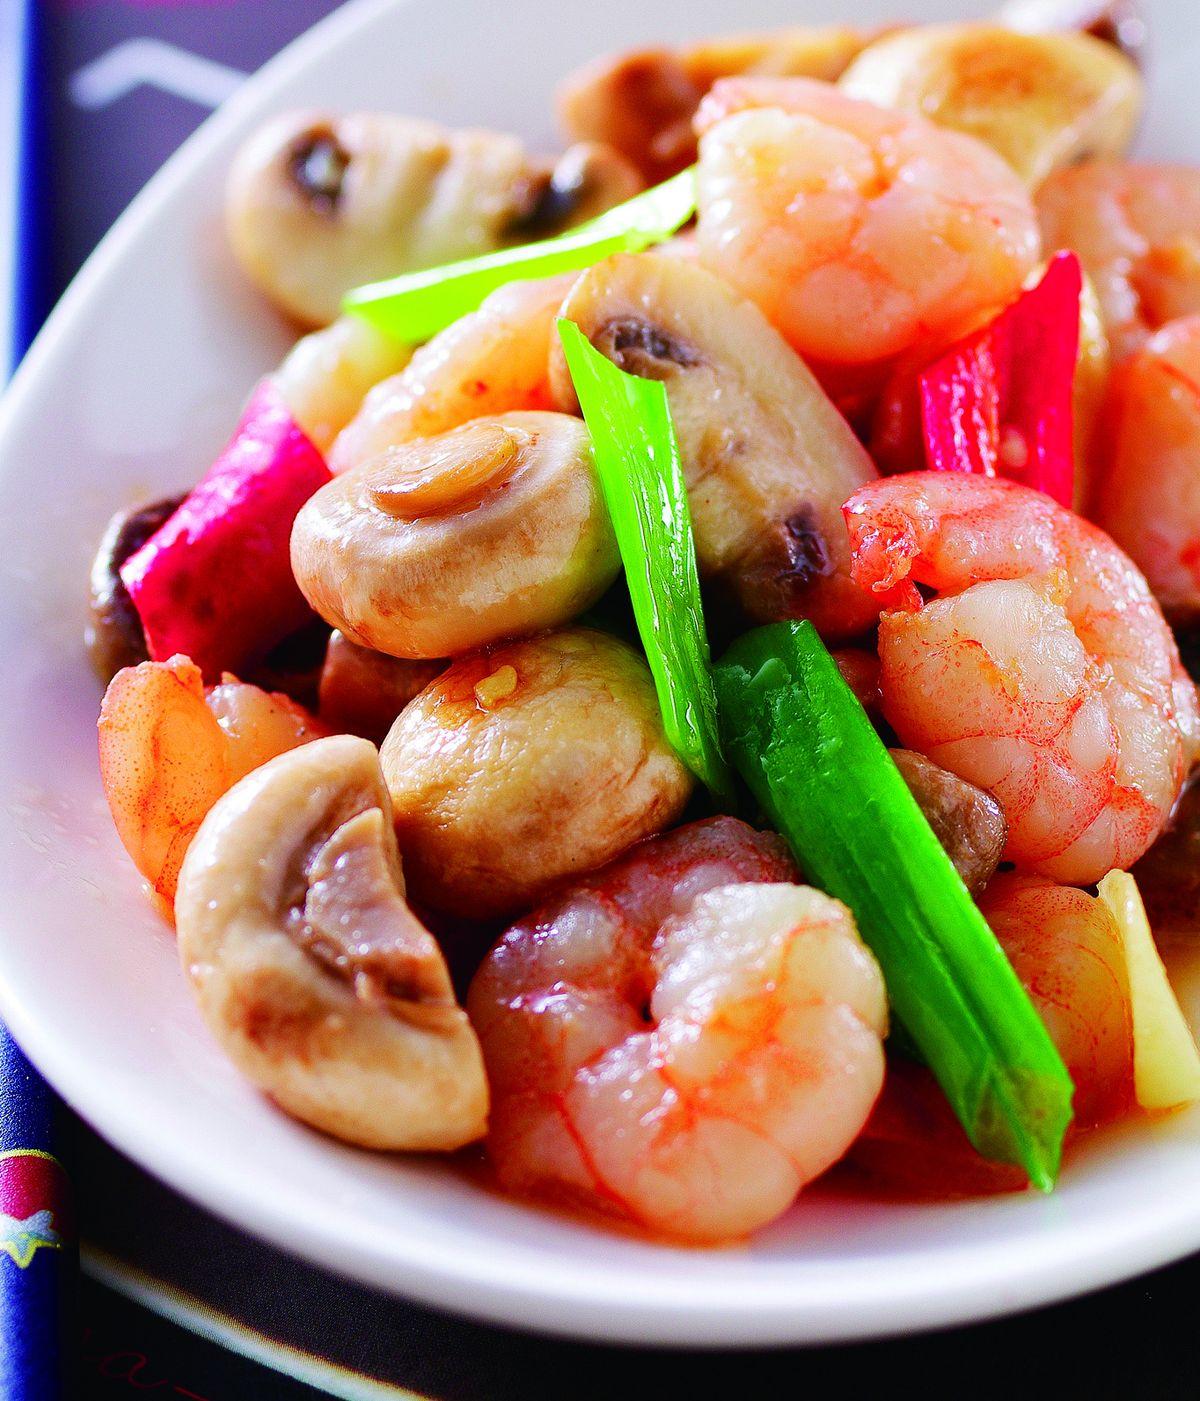 食譜:蘑菇炒蝦仁